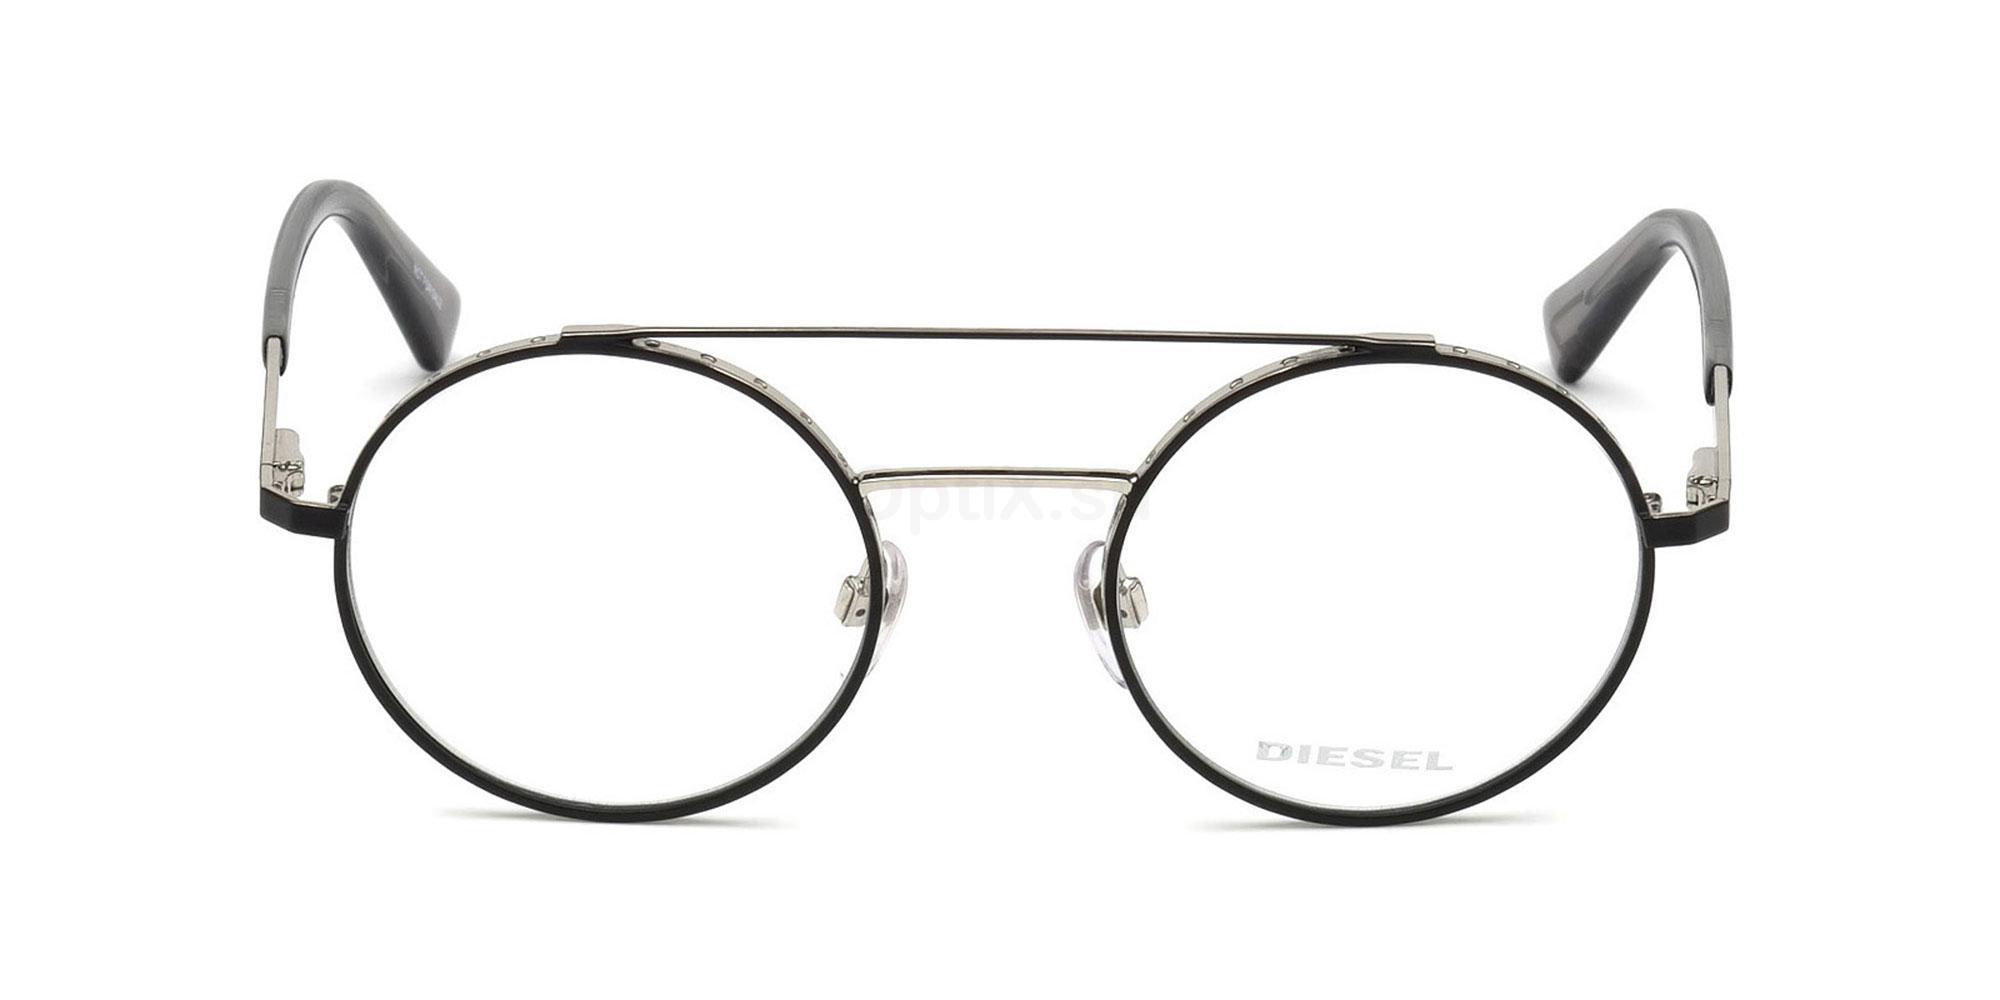 005 DL5272 Glasses, Diesel